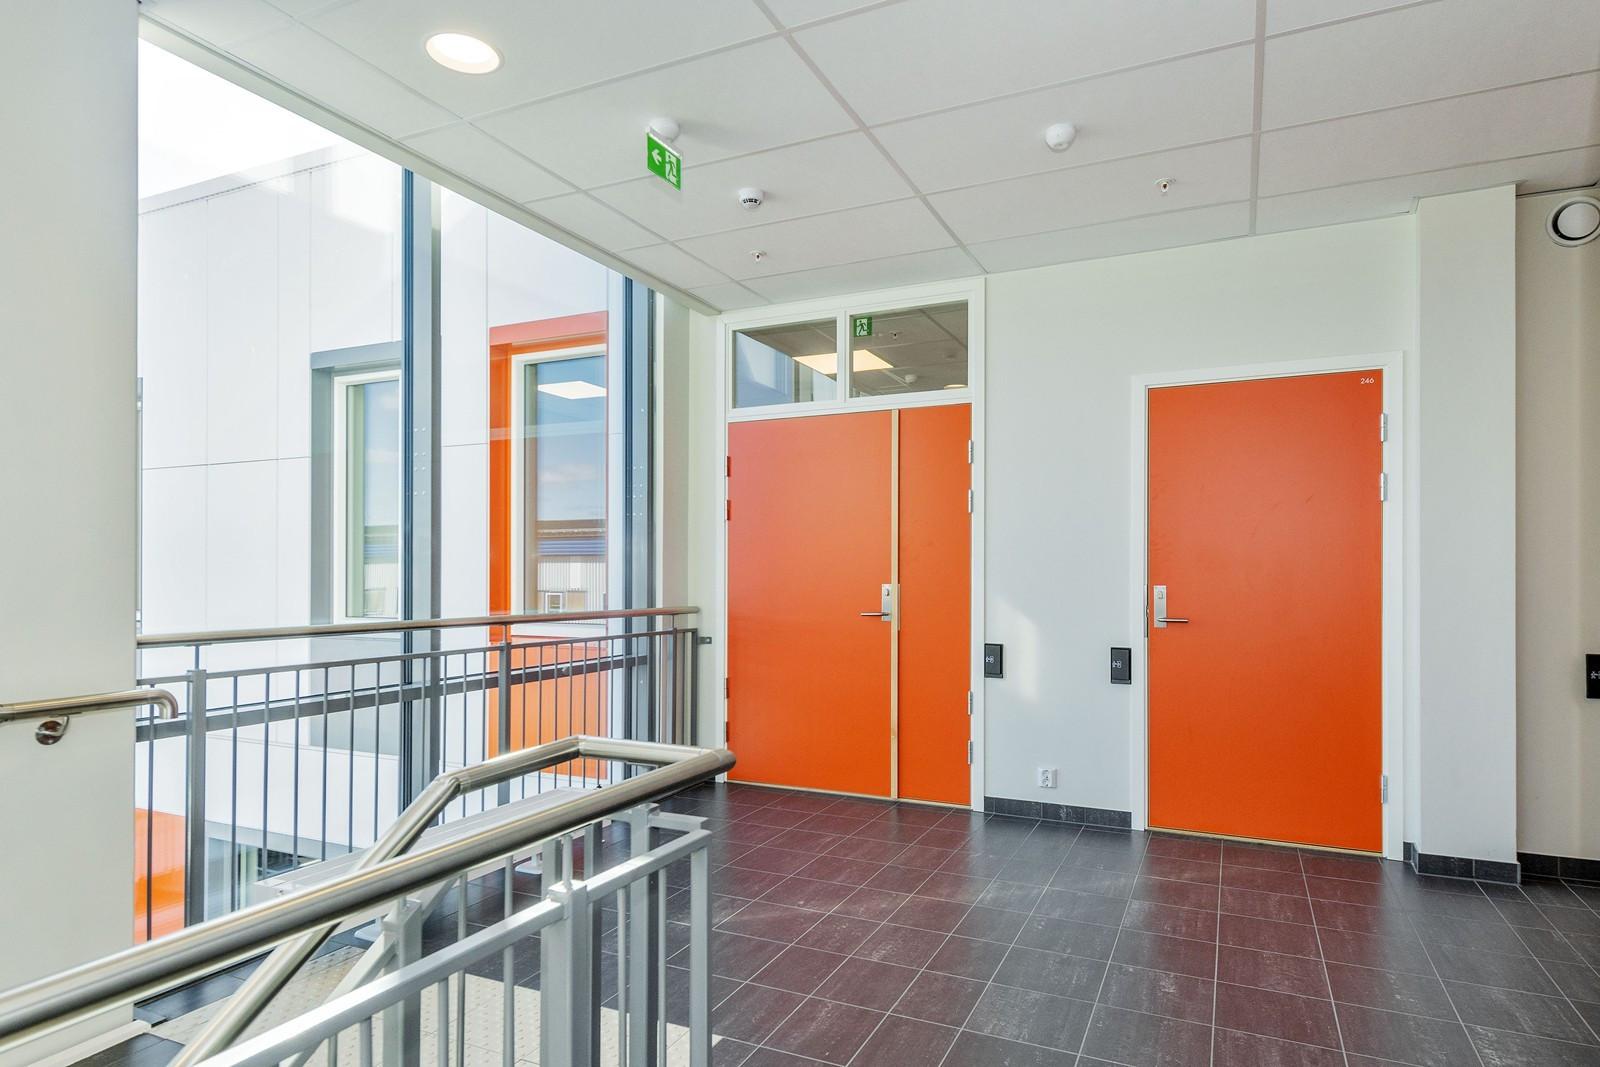 Inngang til kontoret fra felles trappegang / heis